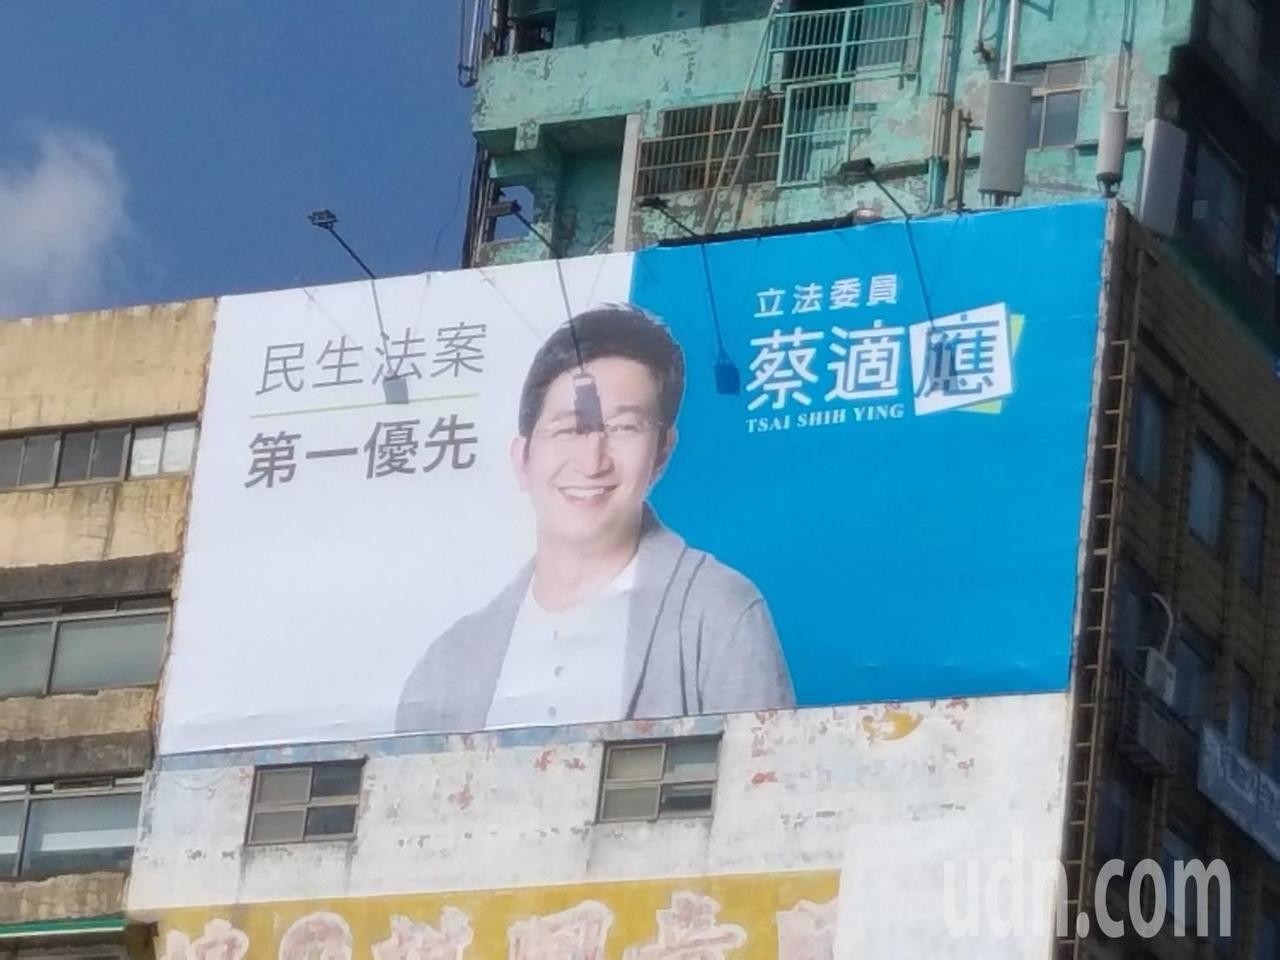 民進黨立委蔡適應的看板選用藍色,台北市議員游淑慧認為是「不要臉」的行為。記者邱瑞...